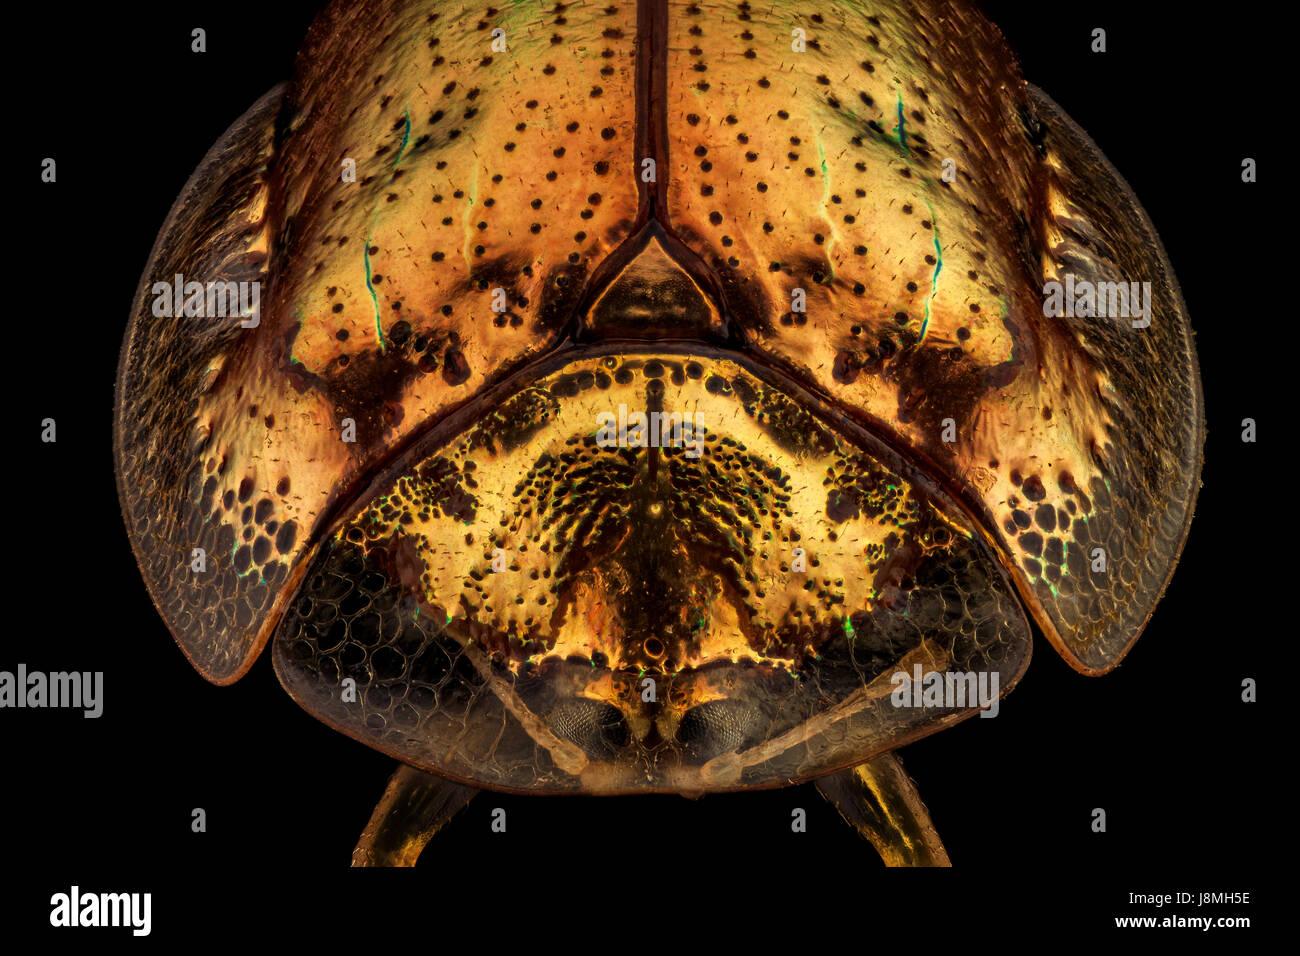 Vue frontale d'un coléoptère tortue d'or.La tortue d'or est un insecte coléoptère de la famille des céréales, originaire de la région des Amériques Banque D'Images